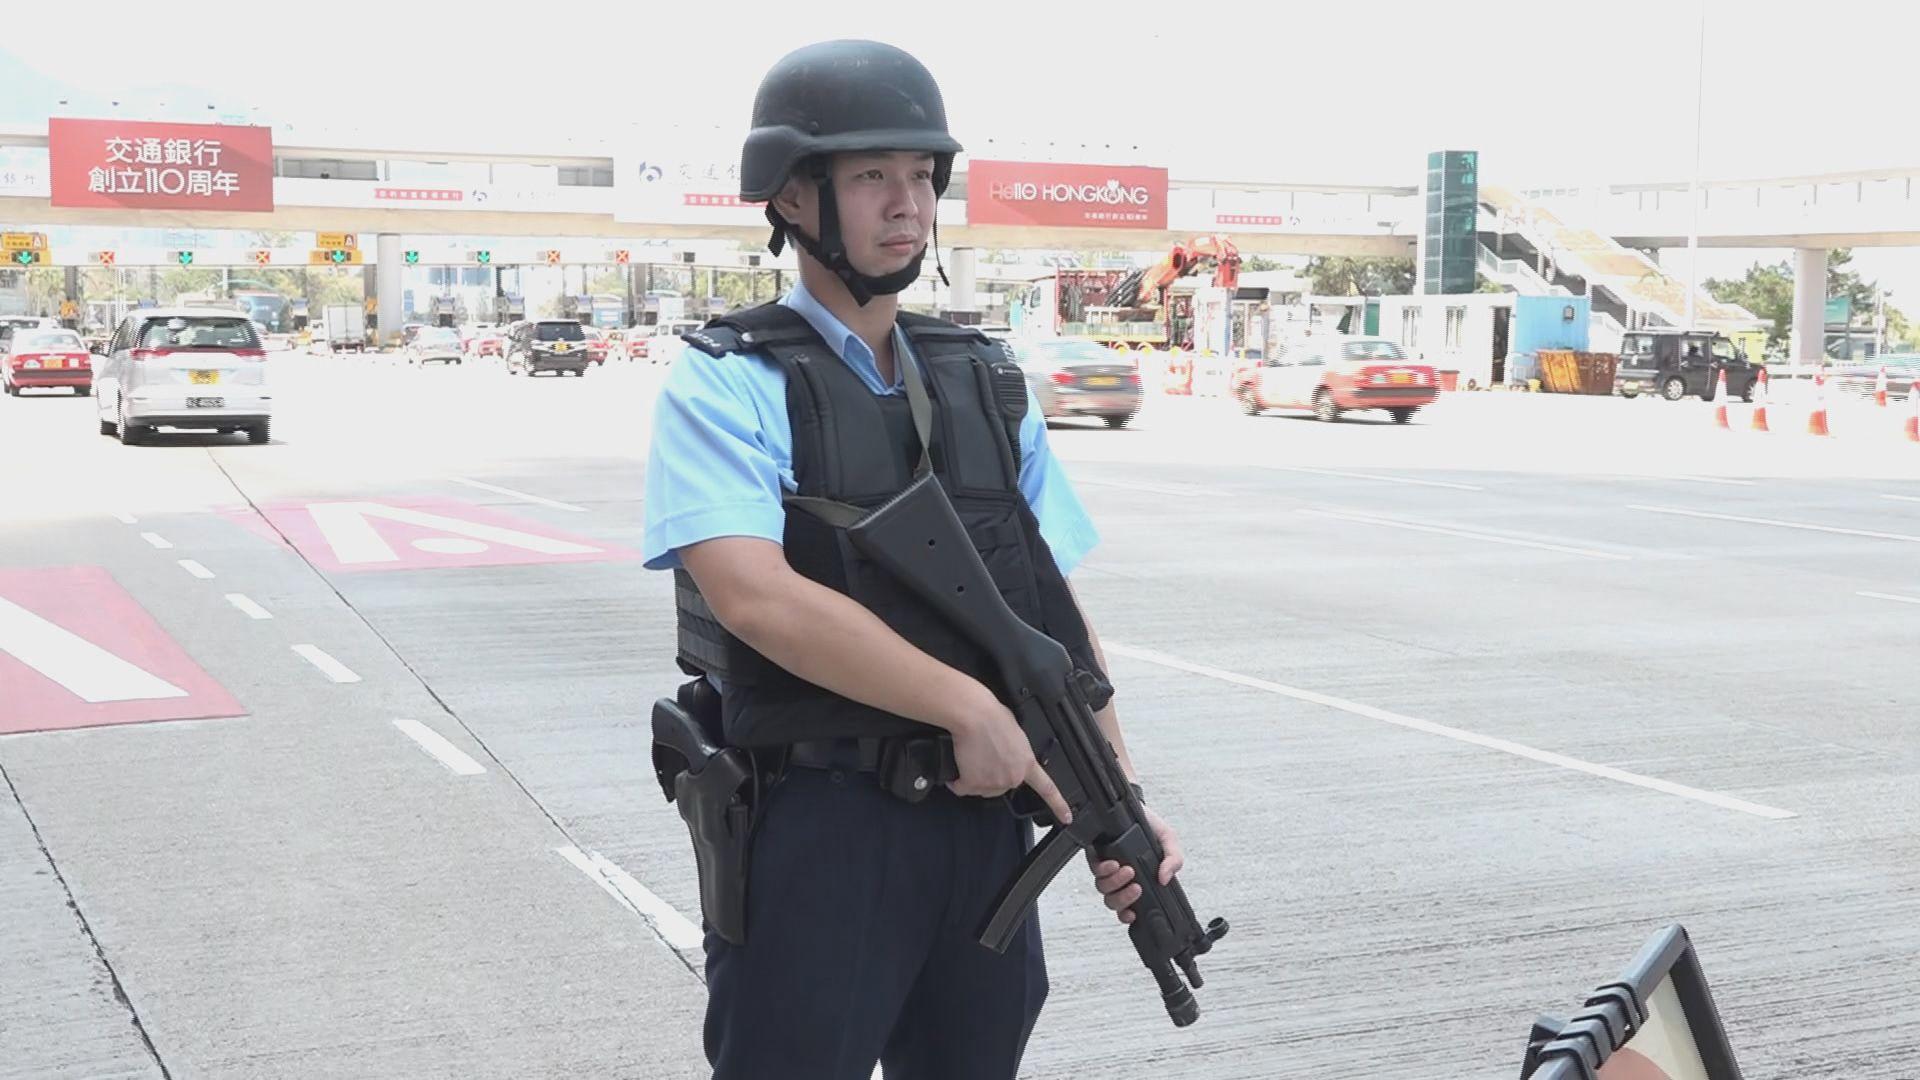 紅磡珠寶店職員遭截劫 持槍警員多處設路障